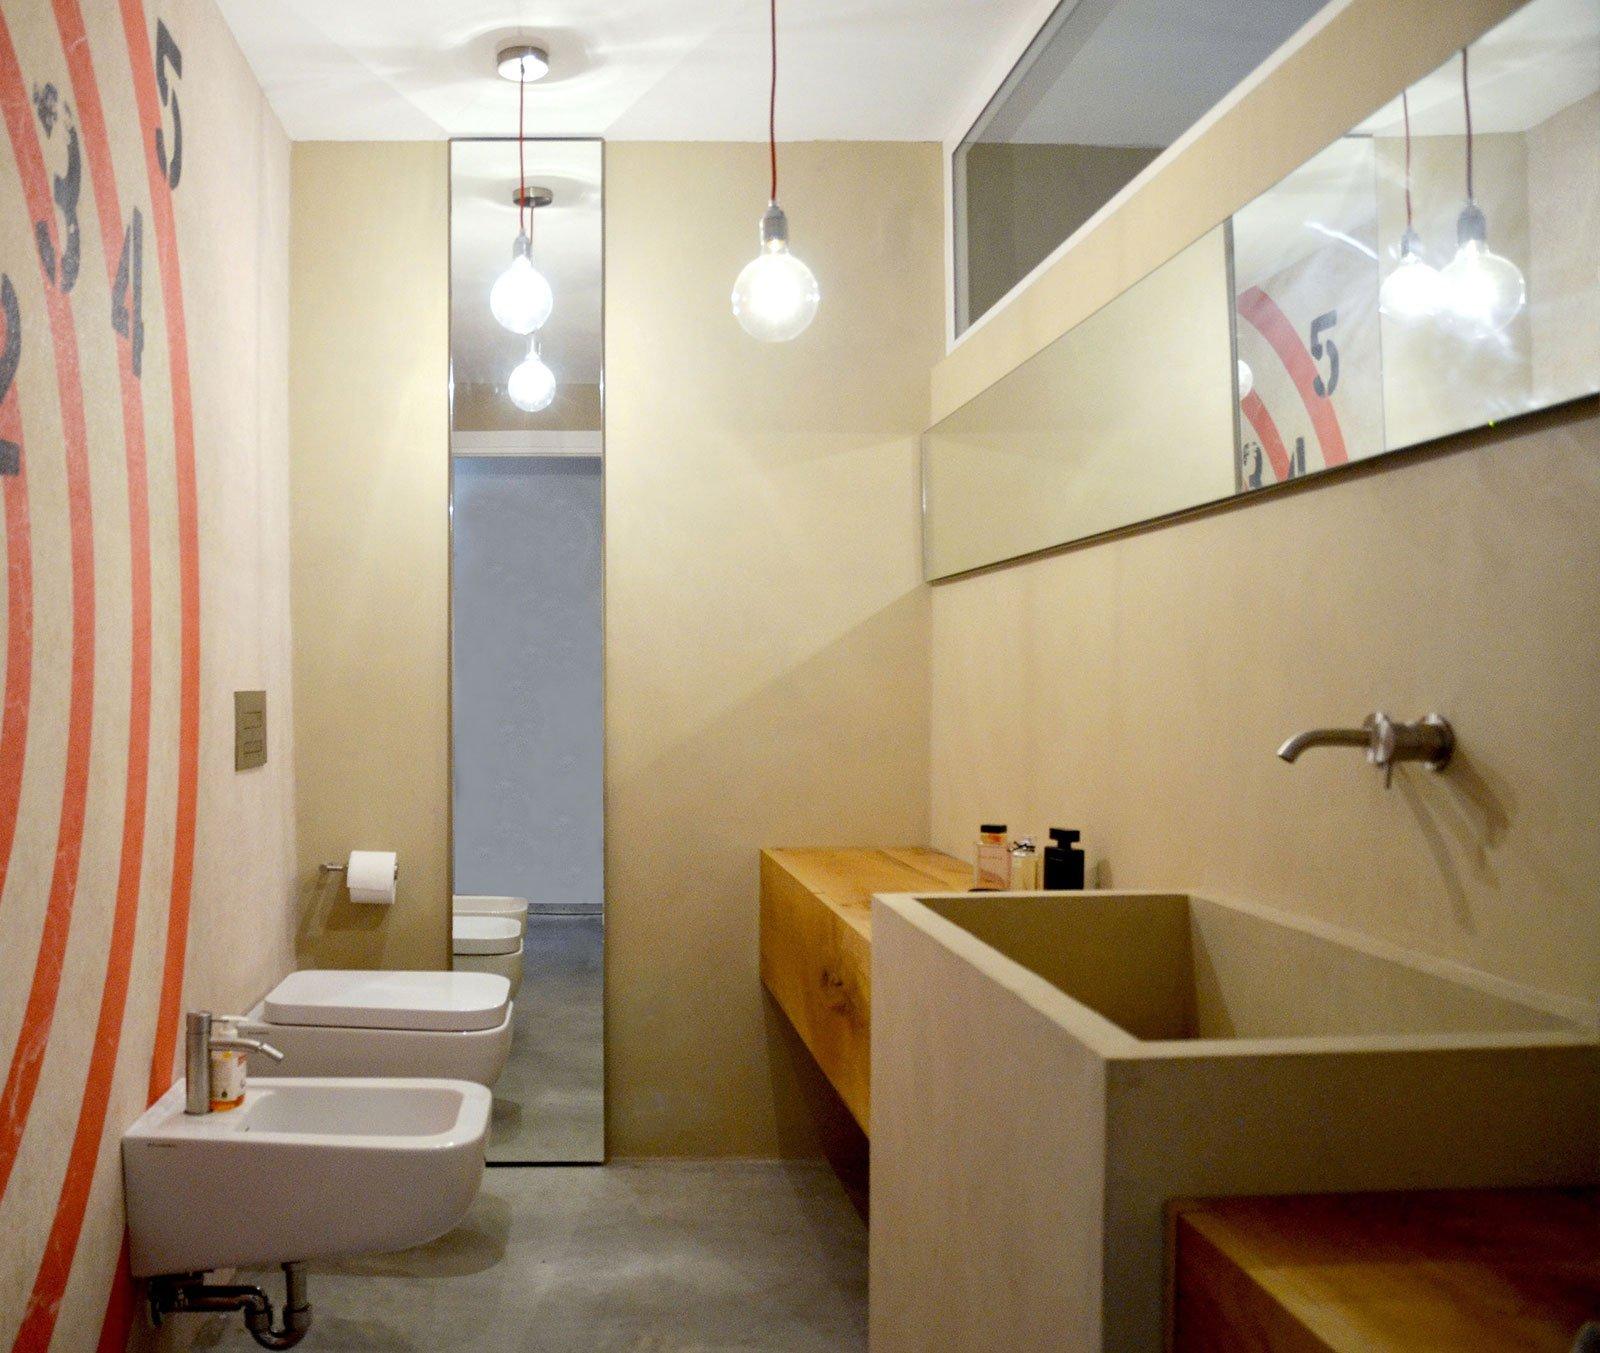 Resina rivestimenti per pavimenti pareti piani di lavoro e soffitti cose di casa - Pareti doccia in resina ...